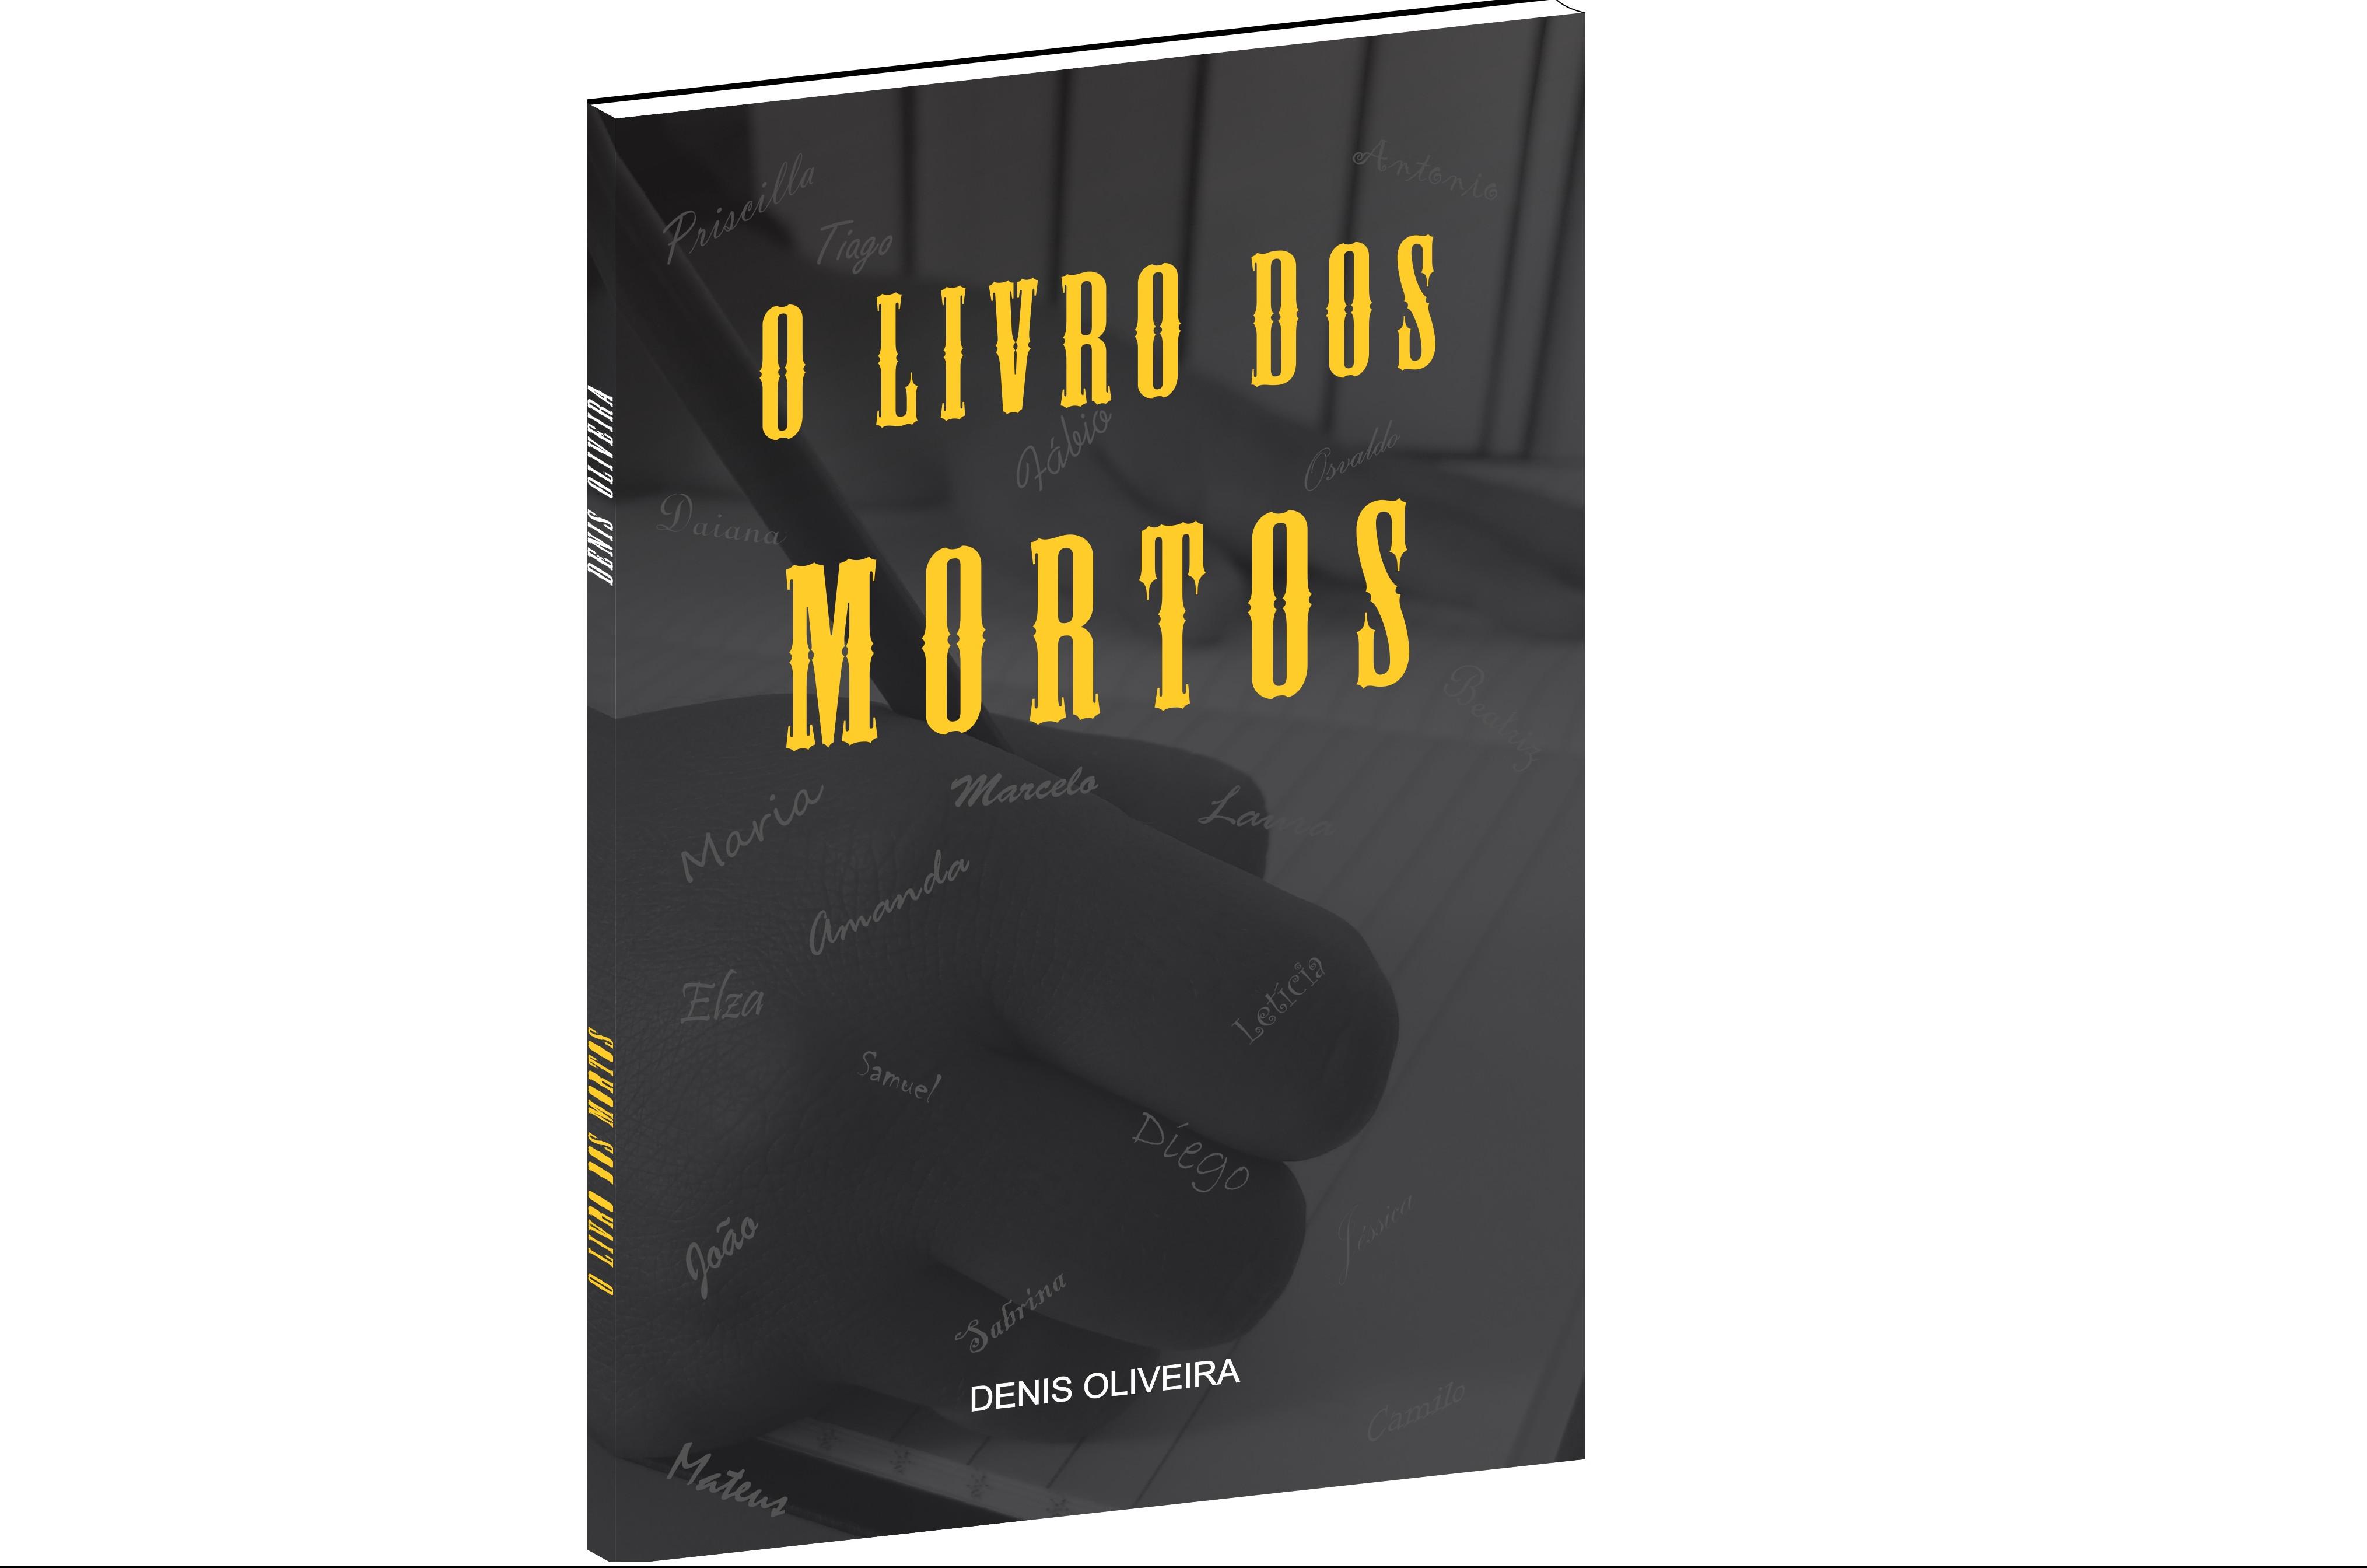 O livro é a primeira obra literária de autoria do jornalista Denis Oliveira. (Foto: Divulgação)